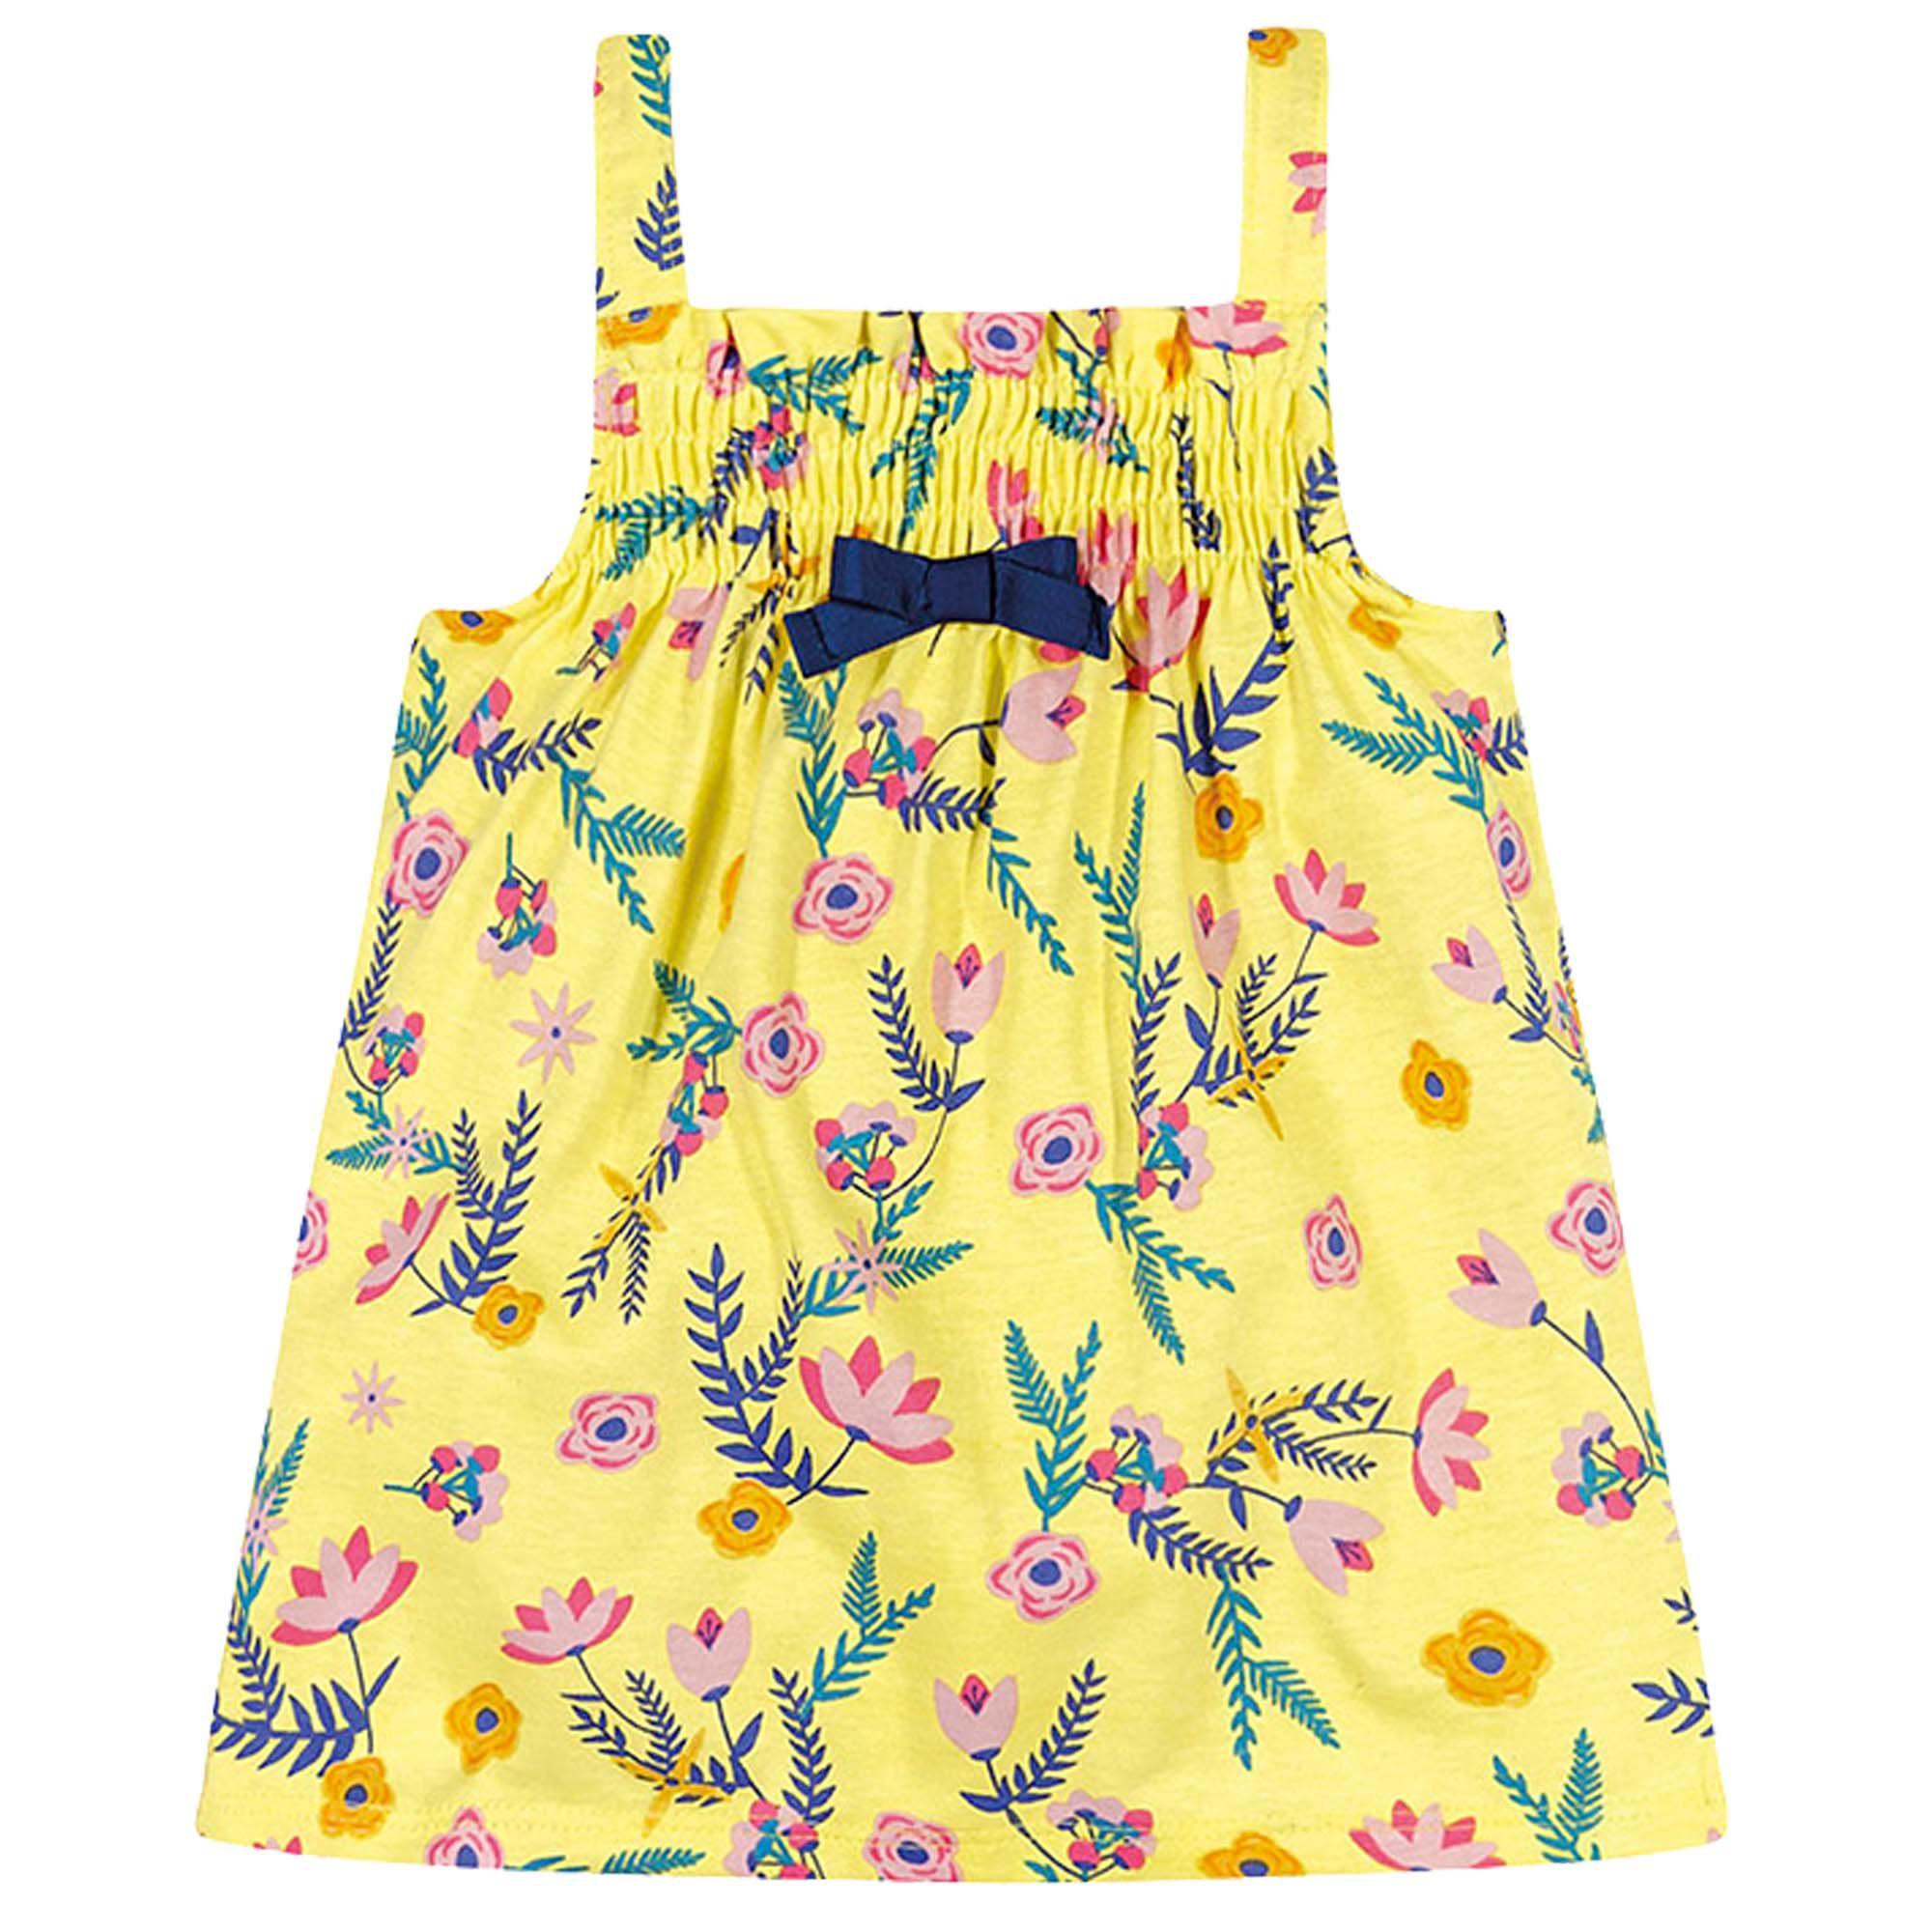 Vestido Verão Brandili Baby Estampa Floral com Laço - P ao G